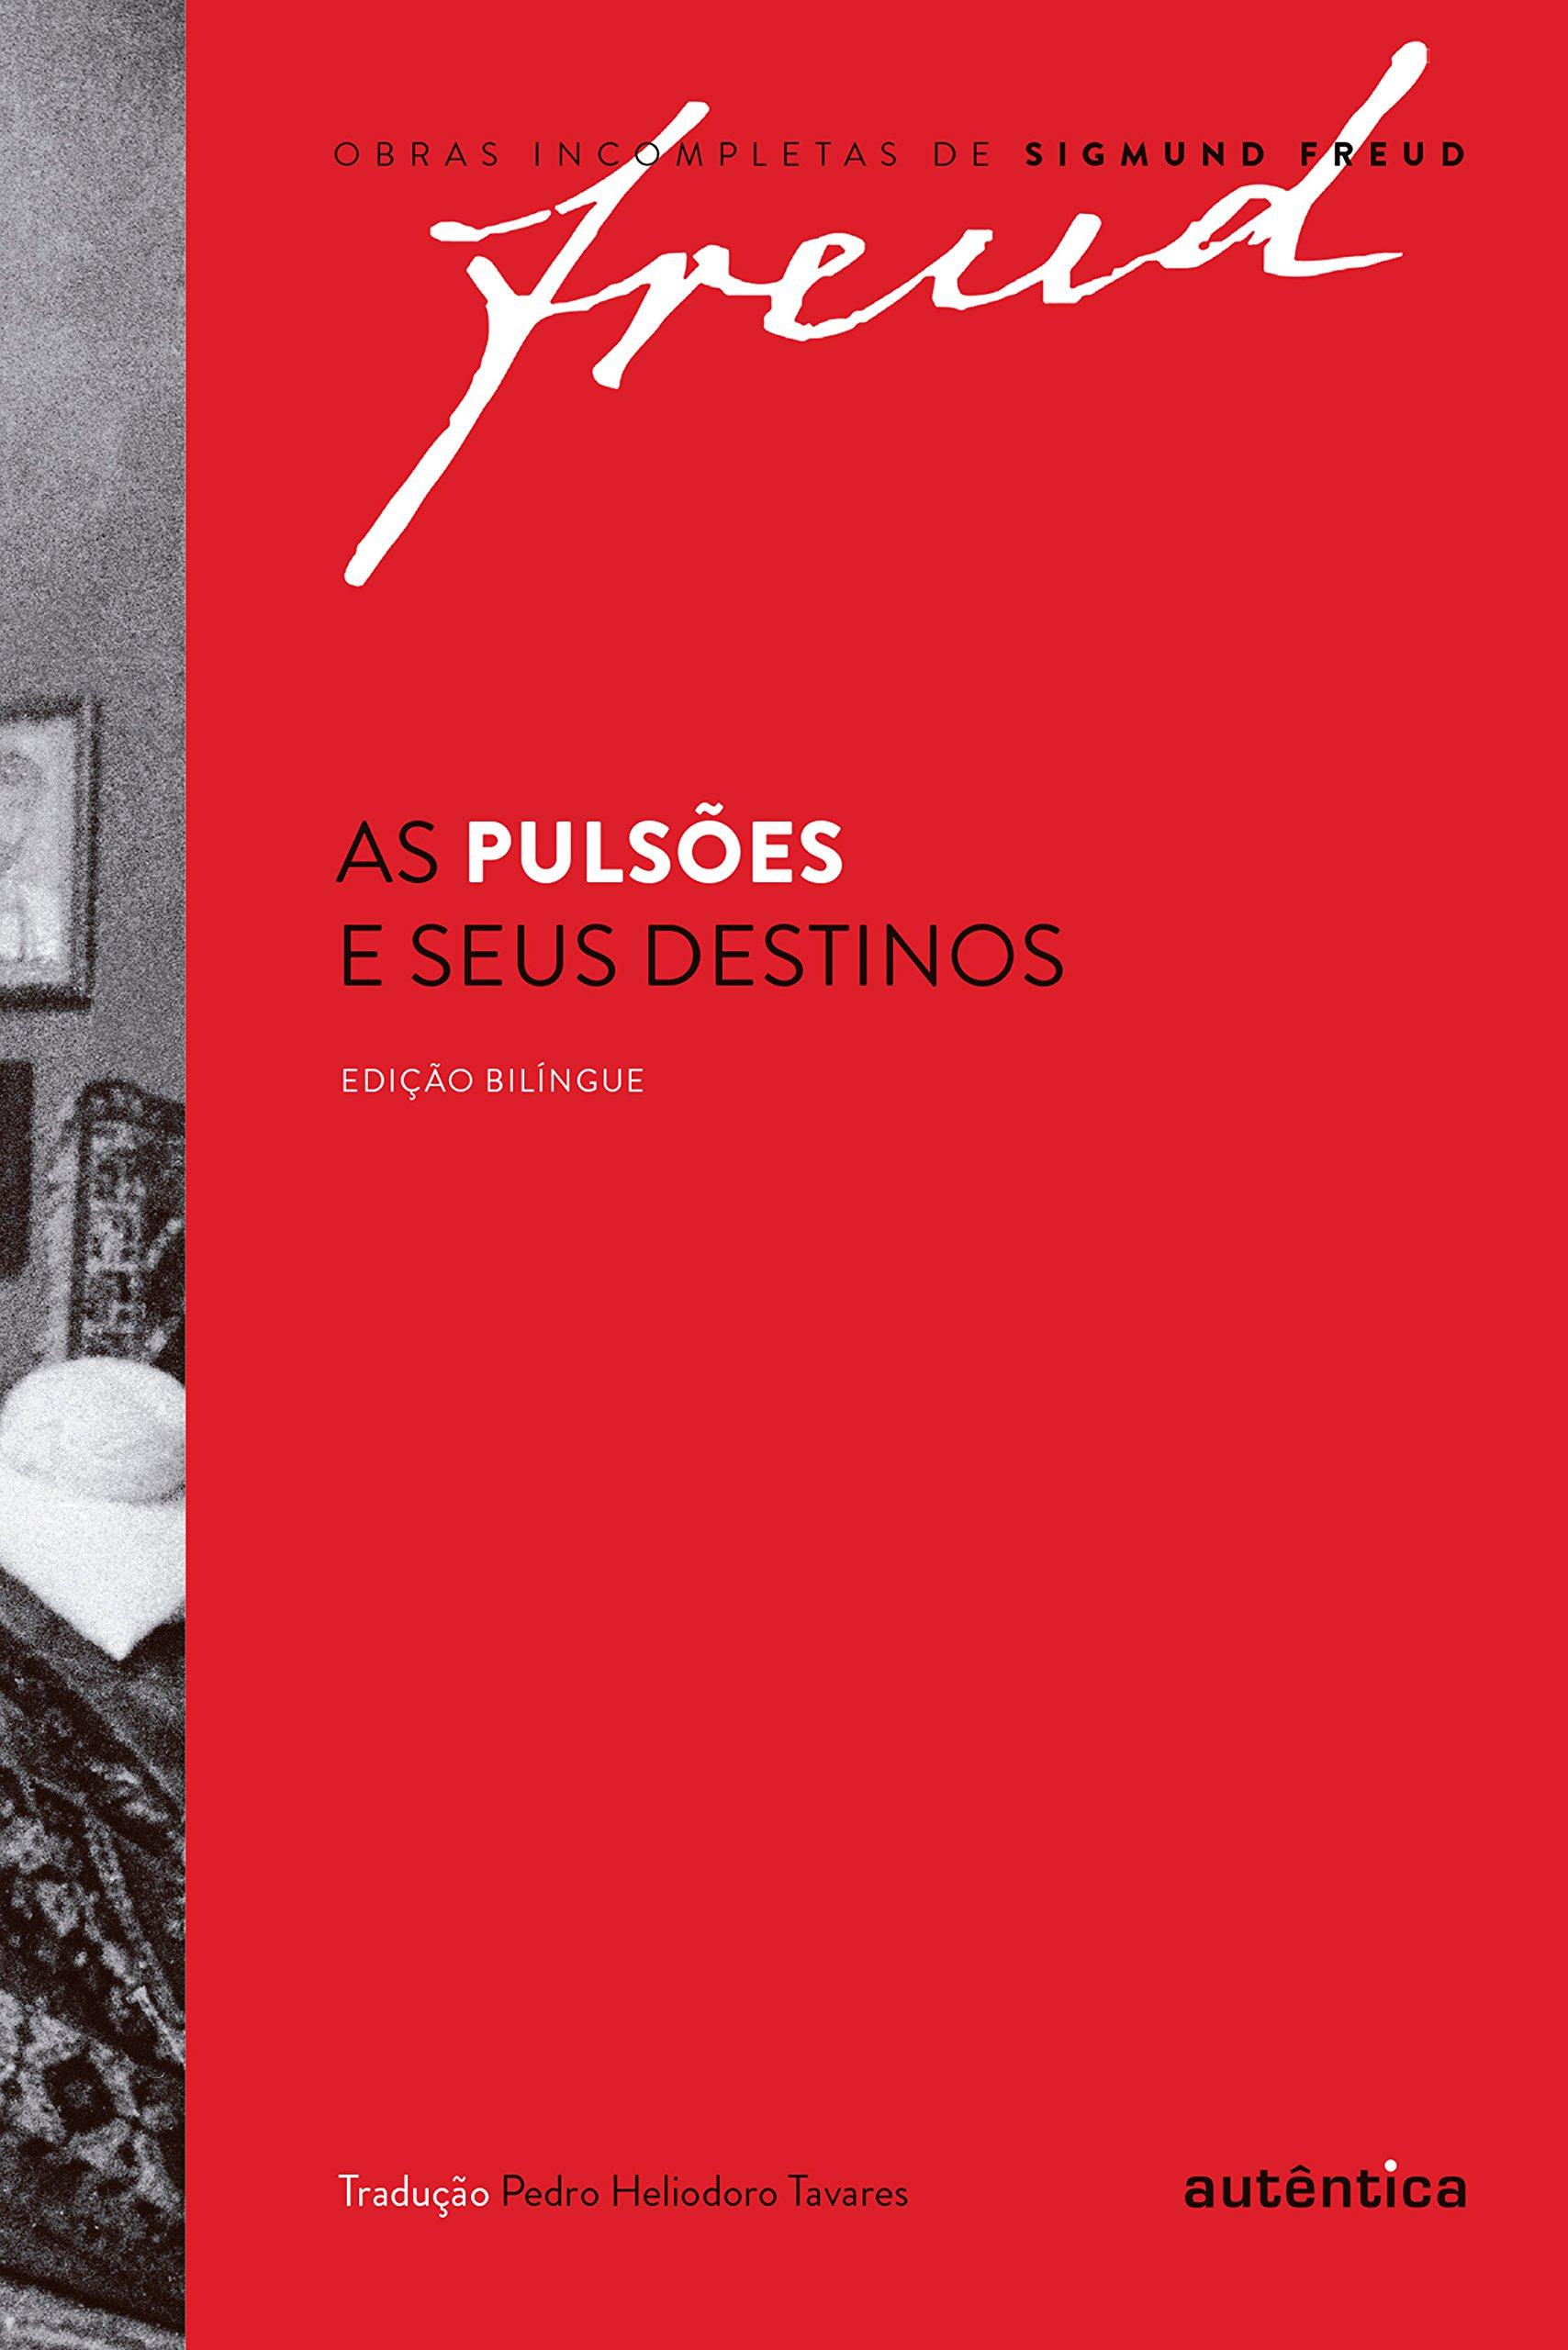 As Pulsões E Seus Destinos – Edição Bilíngue  Portuguese Edition